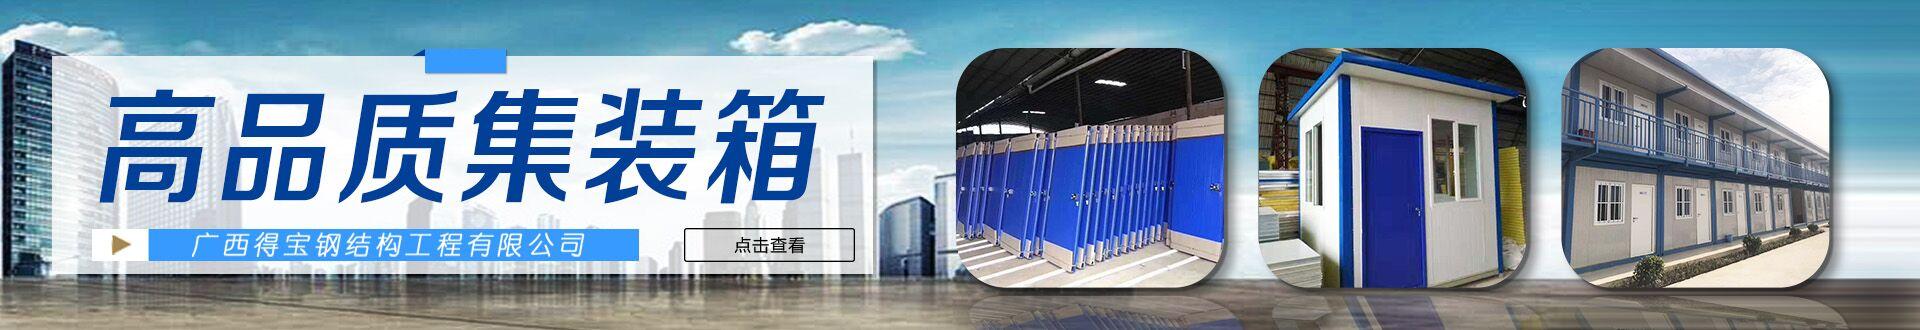 广西得宝钢结构工程有限公司